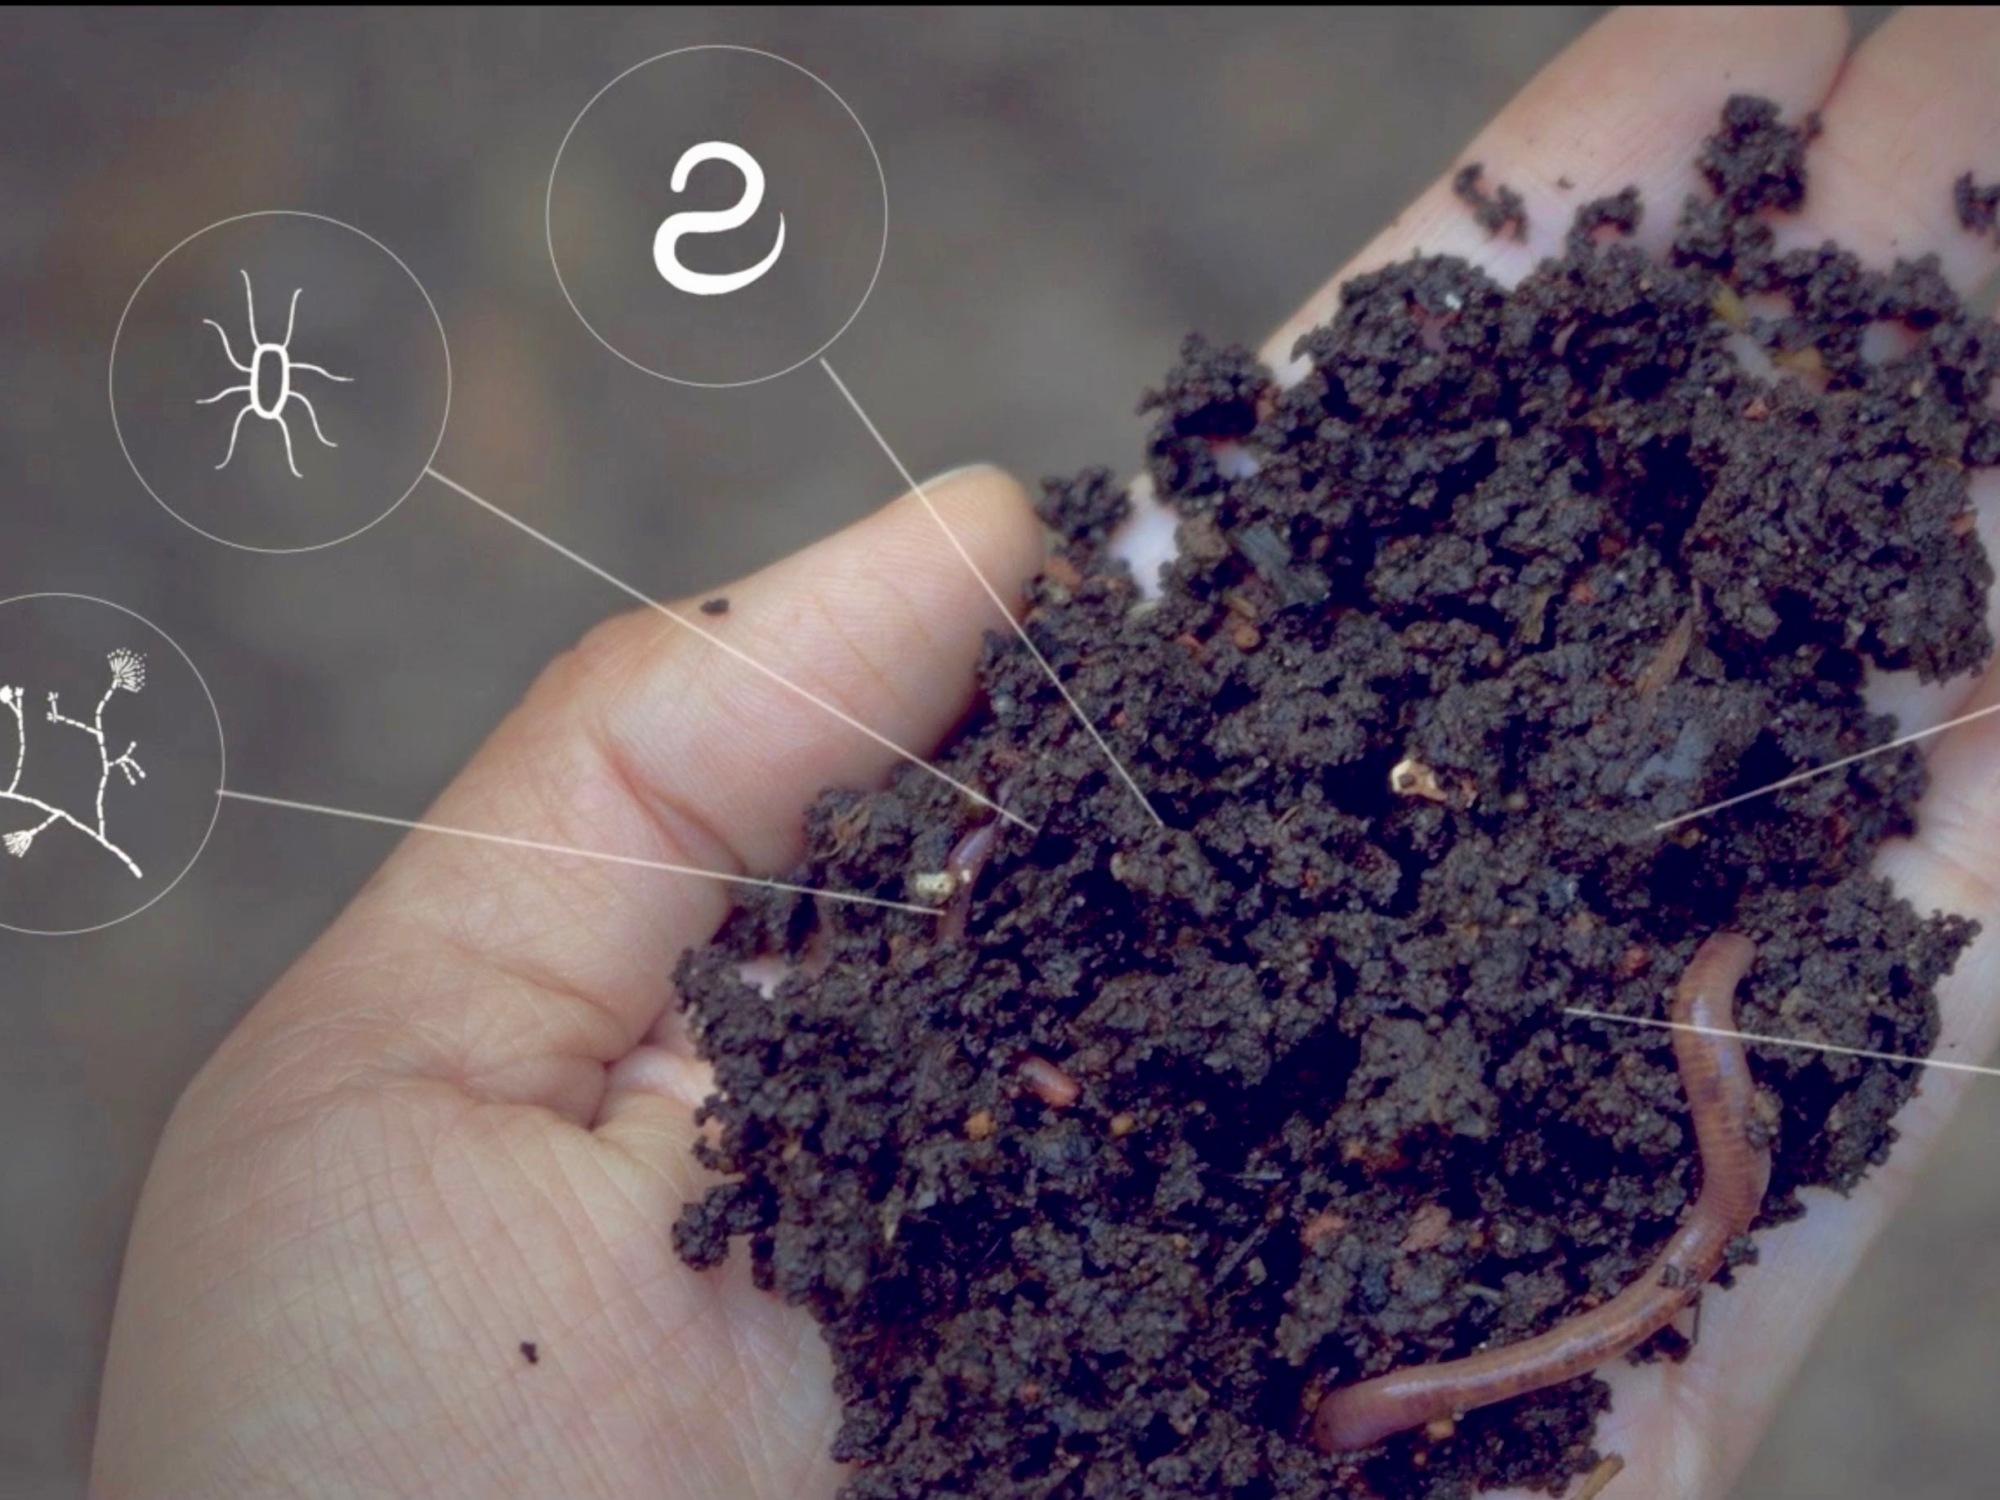 Shhhh, We've Got a Secret: Soil Solves Global Warming